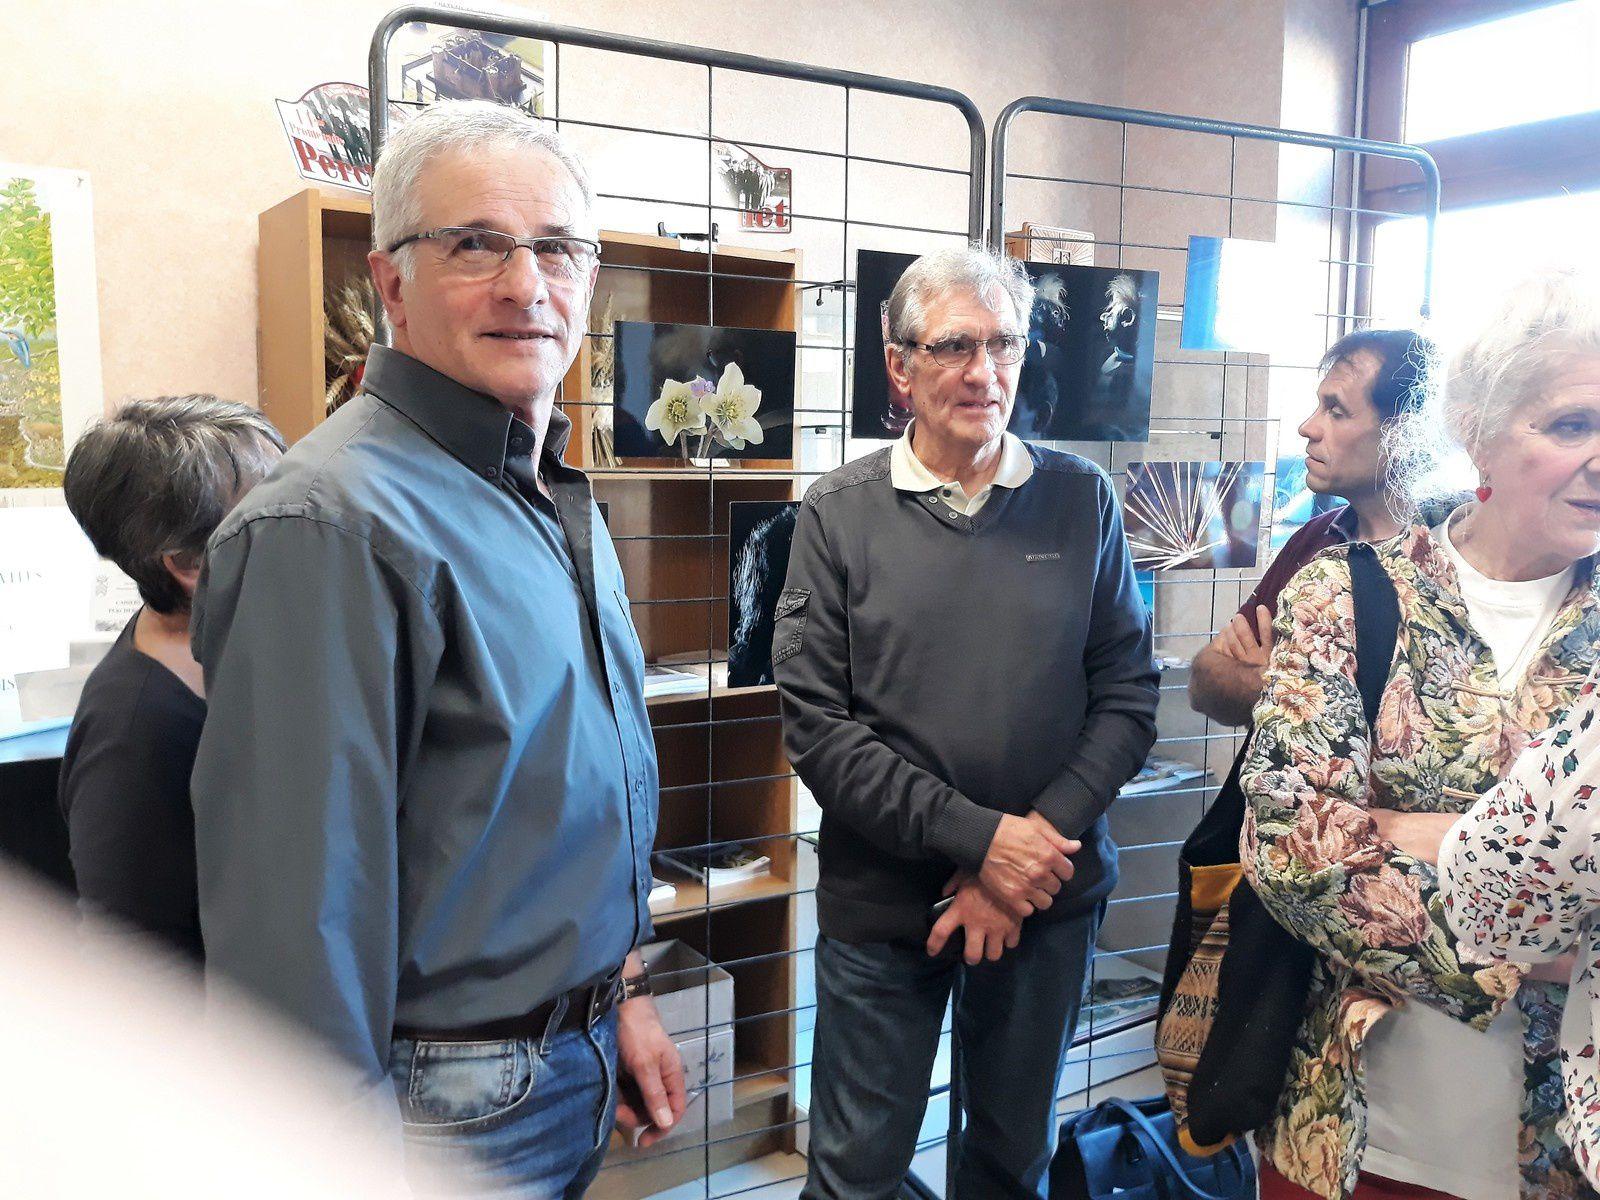 Michel CONTREPOIDS au premier plan lors de l'exposition - Crédit photos: Gérard LEGRET